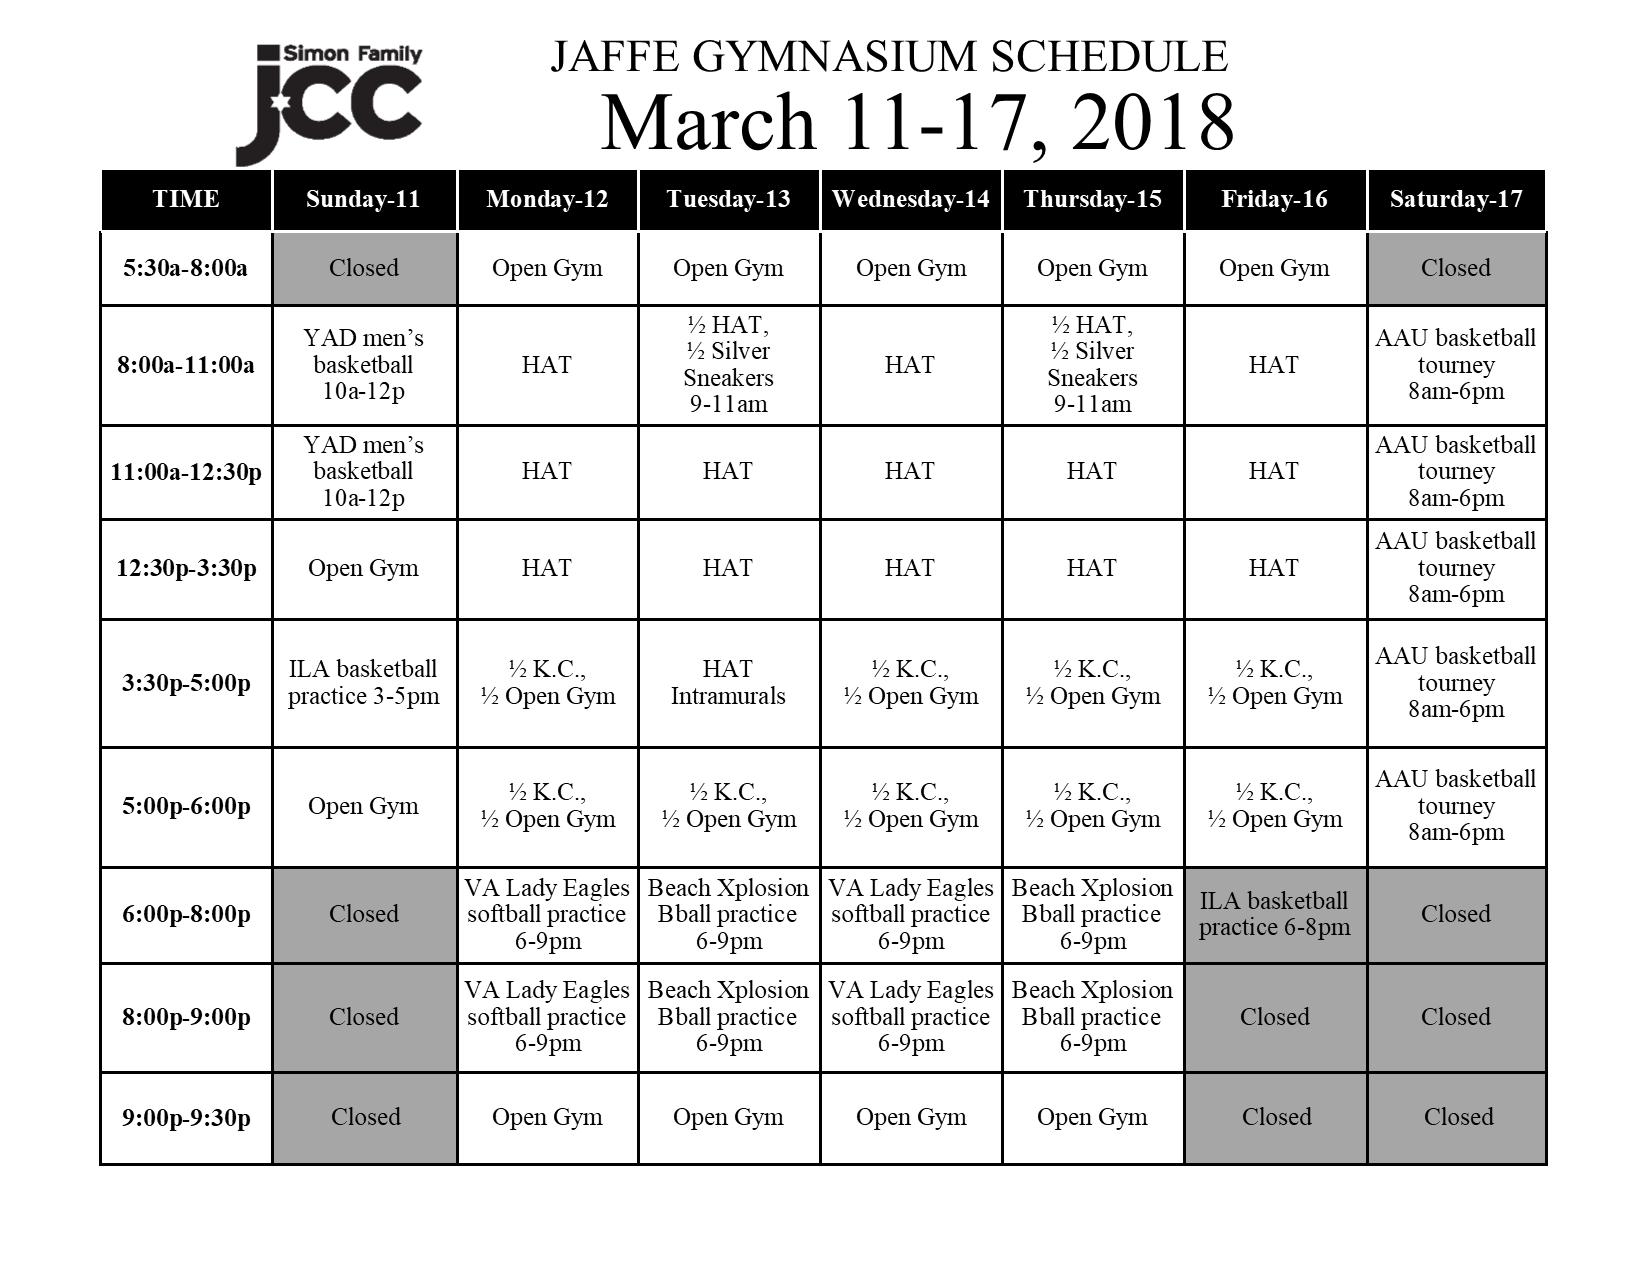 March 11-17 2018 Jaffe Gym Schedule